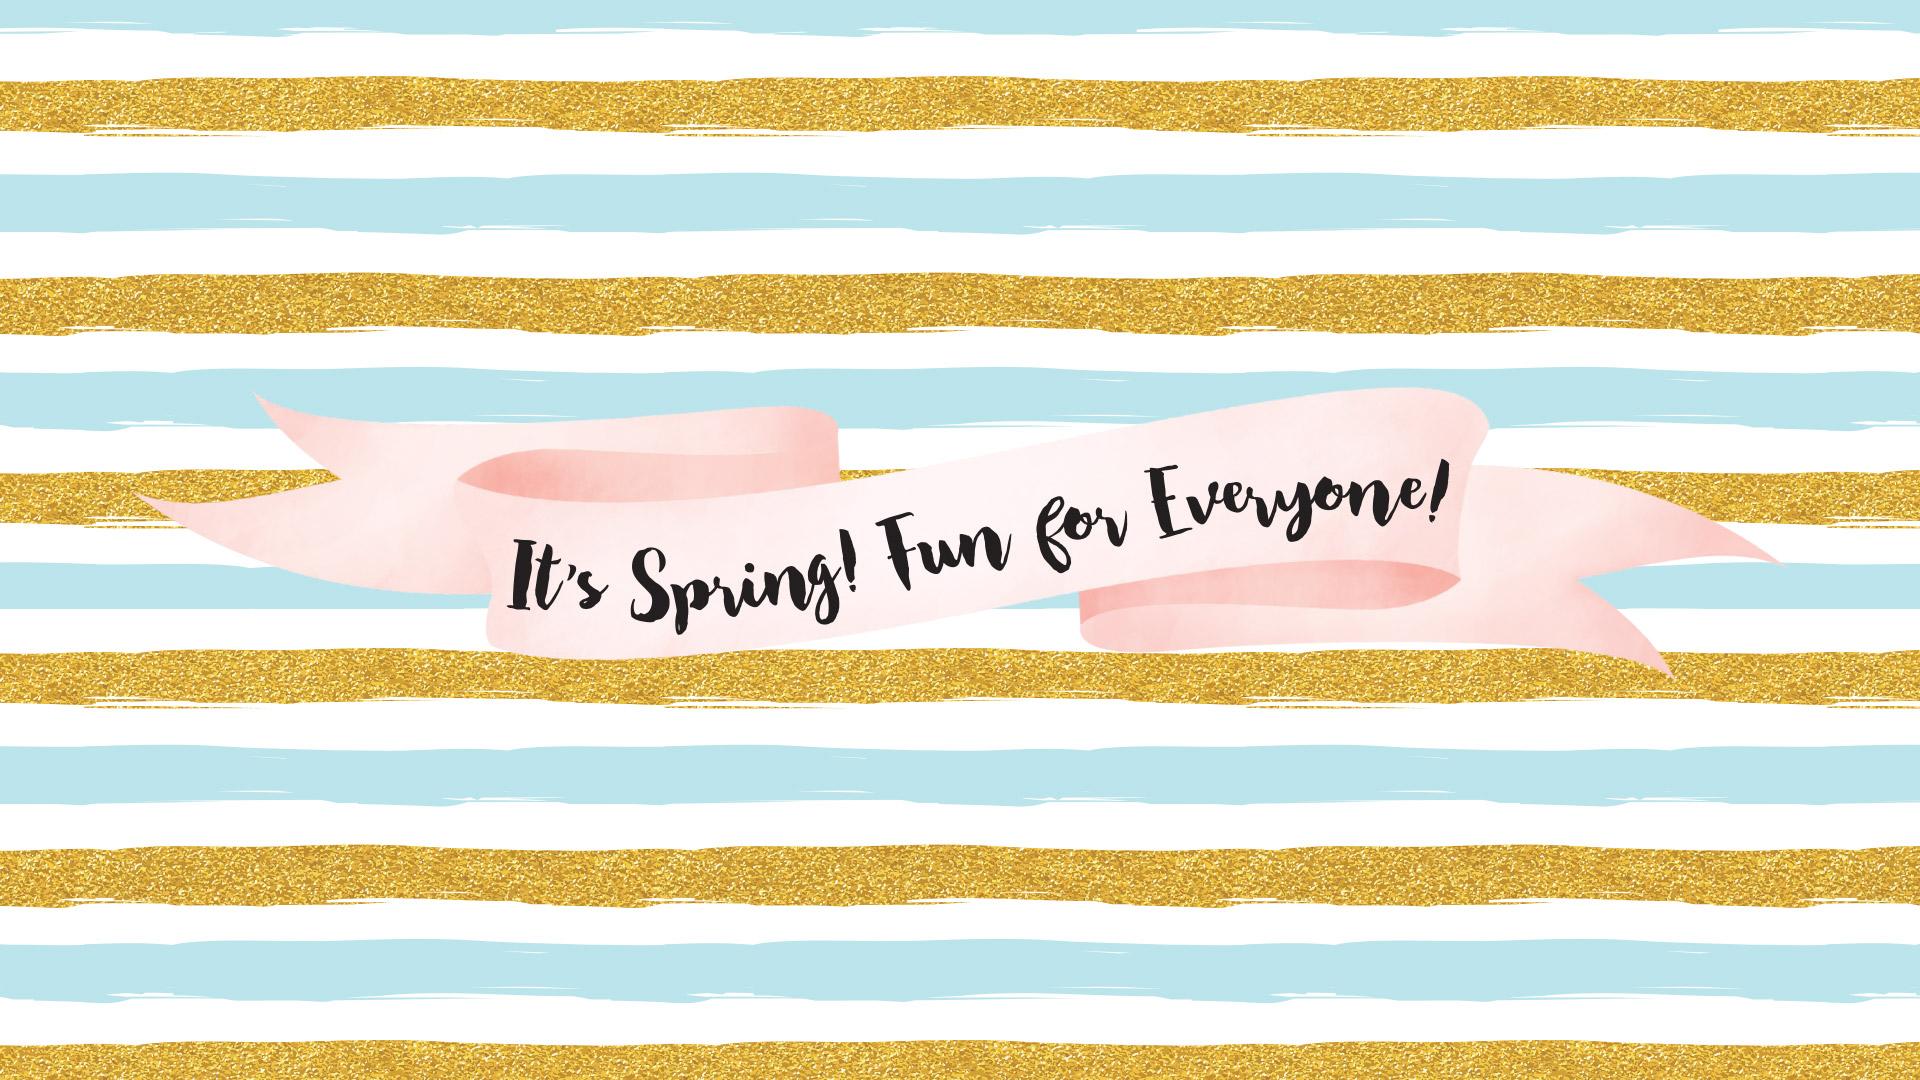 spring-fun-for-everyone